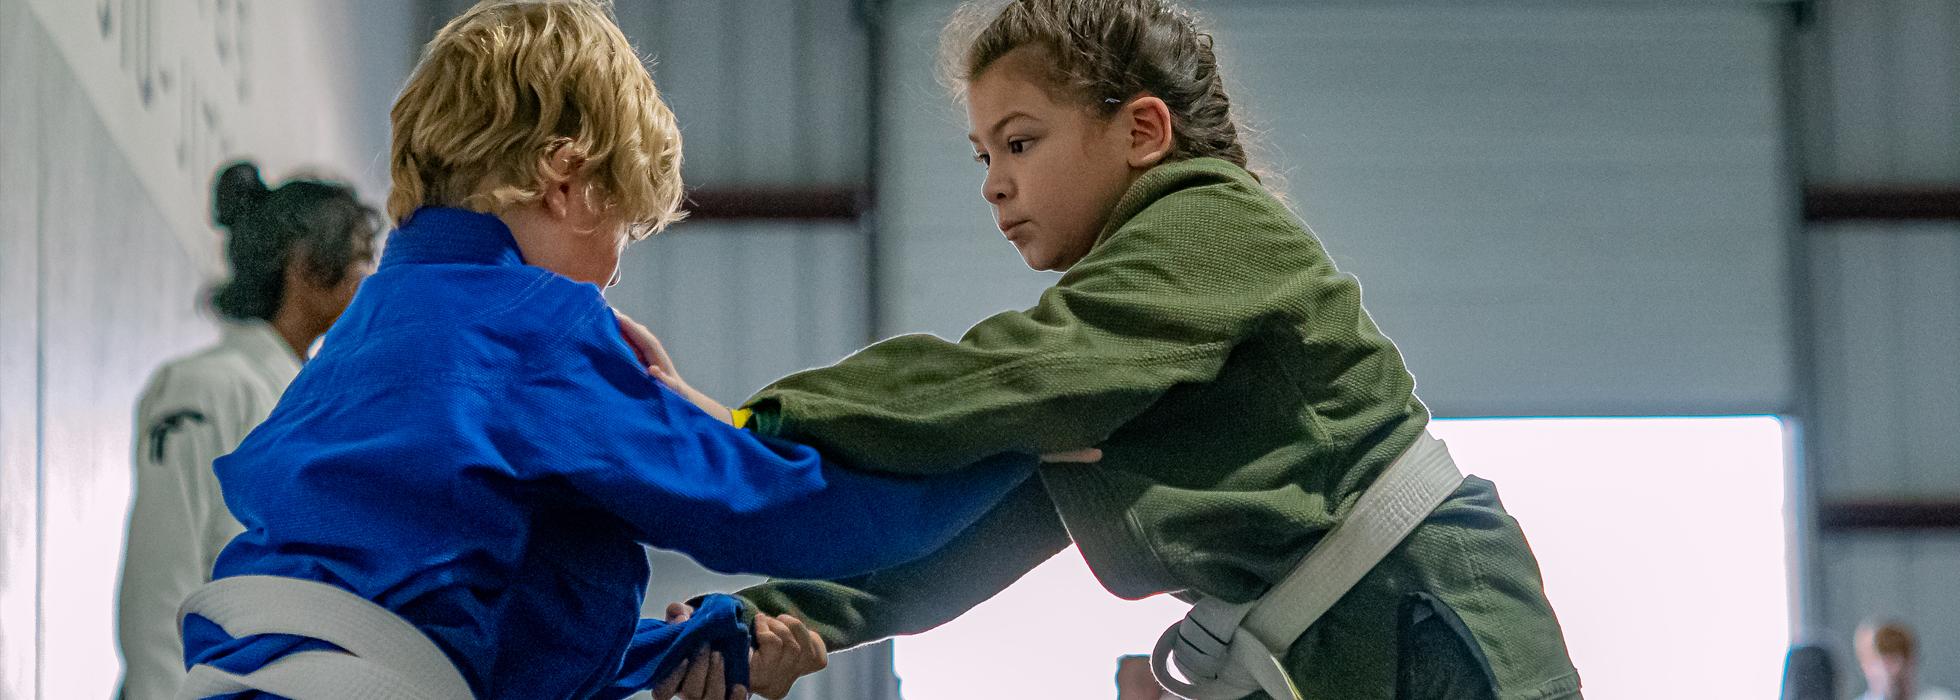 Kids Brazilian Jiu Jitsu Ages 7-13 in Spring TX, Kids Brazilian Jiu Jitsu Ages 7-13 near The Woodlands TX, Kids Brazilian Jiu Jitsu Ages 7-13 near Klein, Kids Brazilian Jiu Jitsu Ages 7-13 near Tomball TX